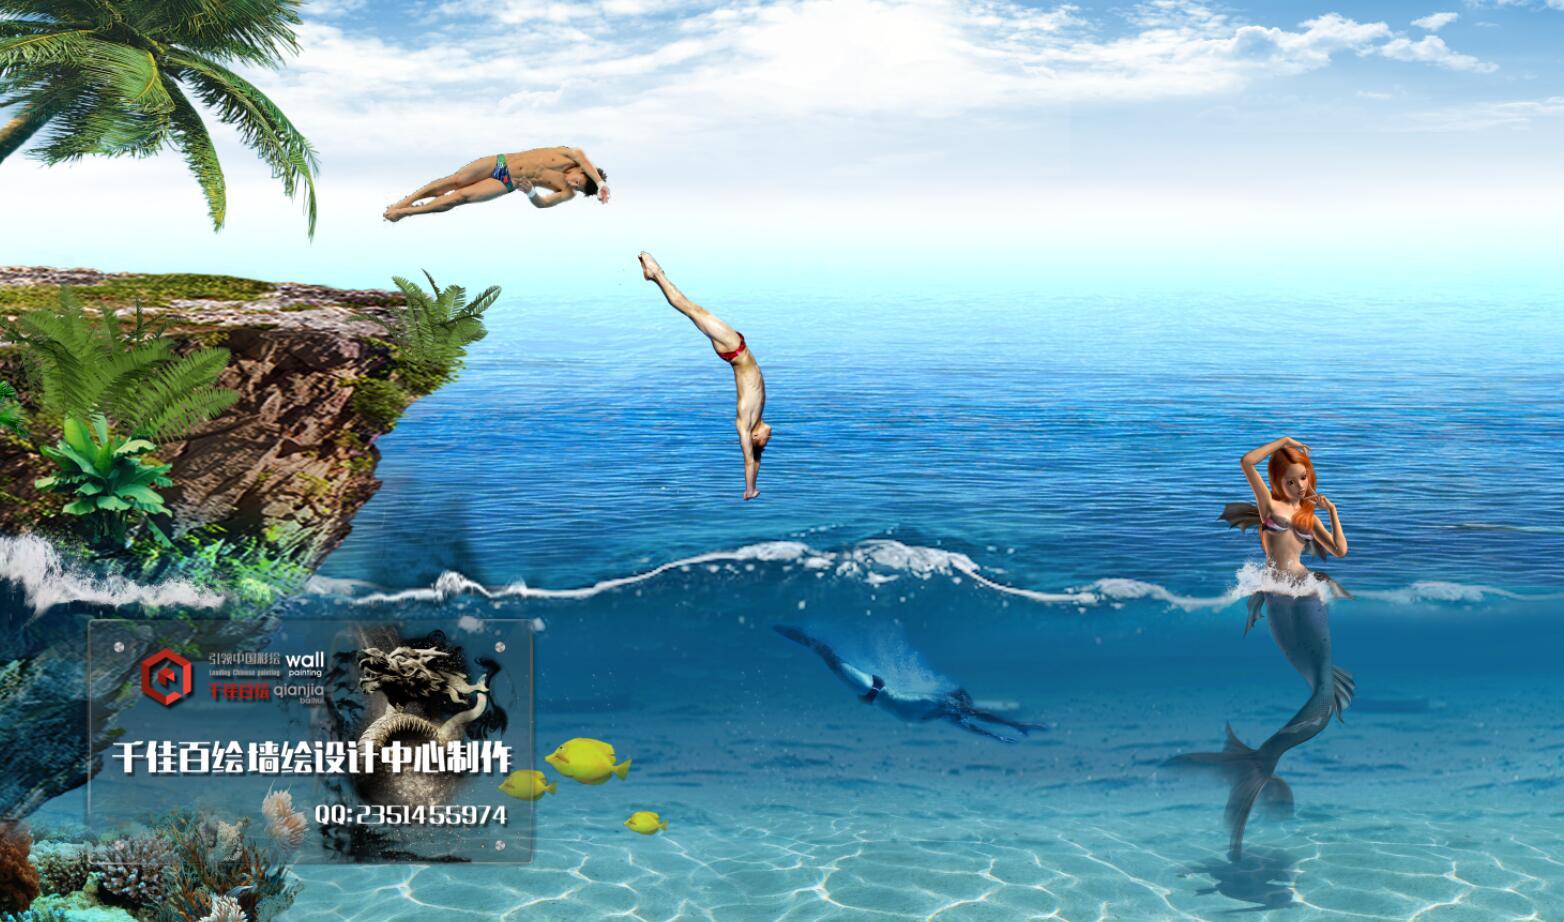 海边风景素材,游泳卡通矢量图,海浪墙绘素材,帆船墙绘素材,海边墙绘